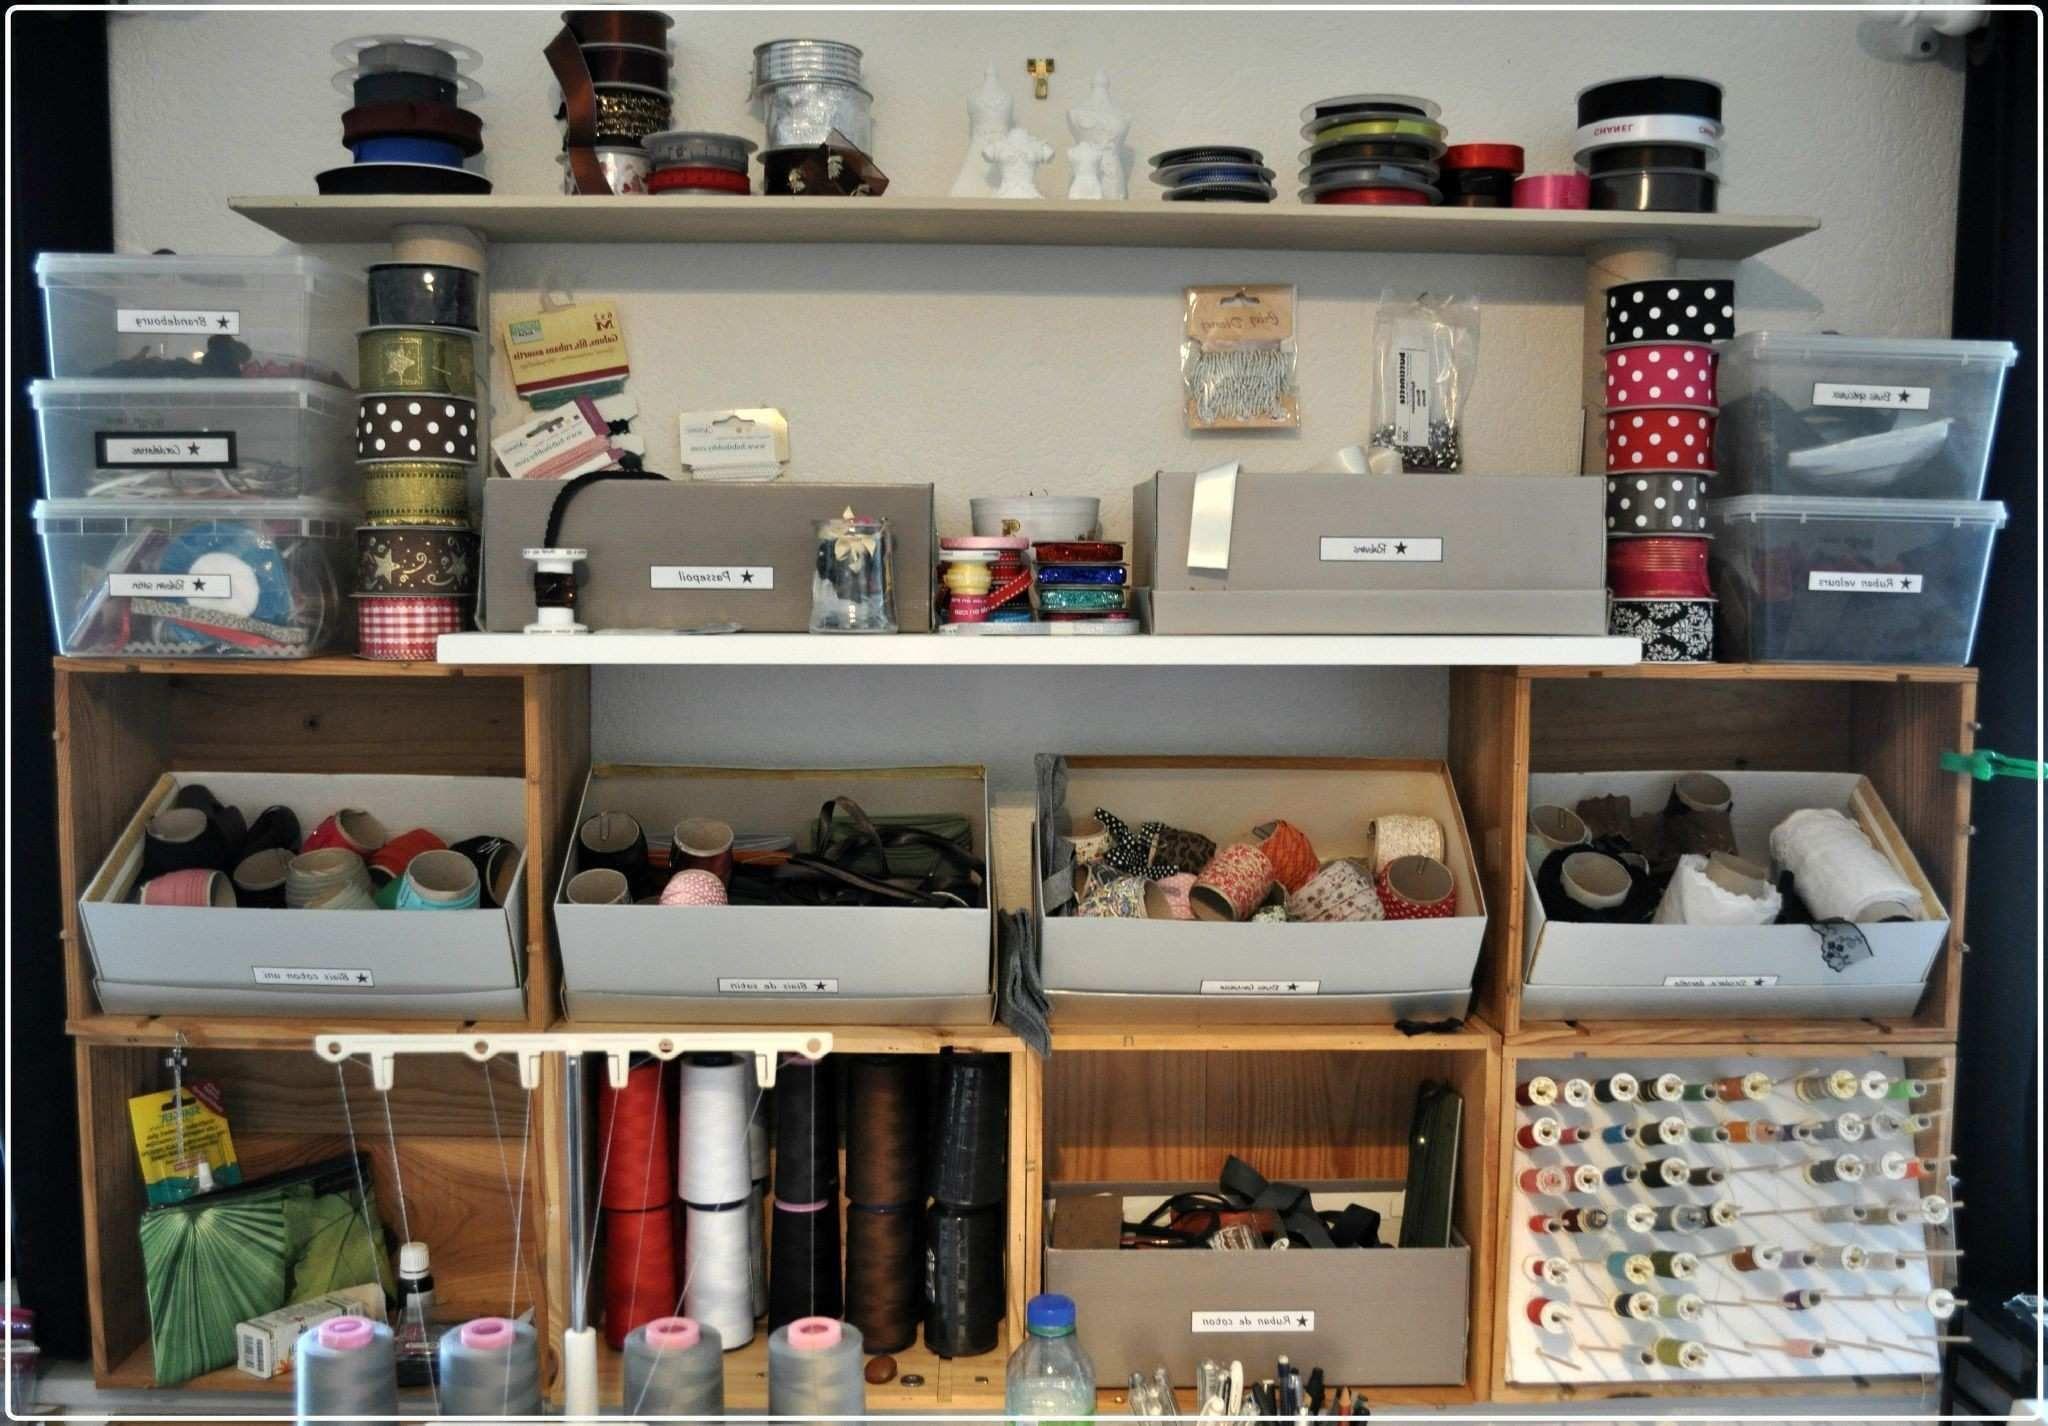 Rangement Atelier Couture Ikea Unique Rangement Atelier Couture Bureaux Prestige Ateliercoutureamenagement Rangement Atelier Couture Ikea Unique Rang In 2020 Home Decor Shelving Unit Shelves